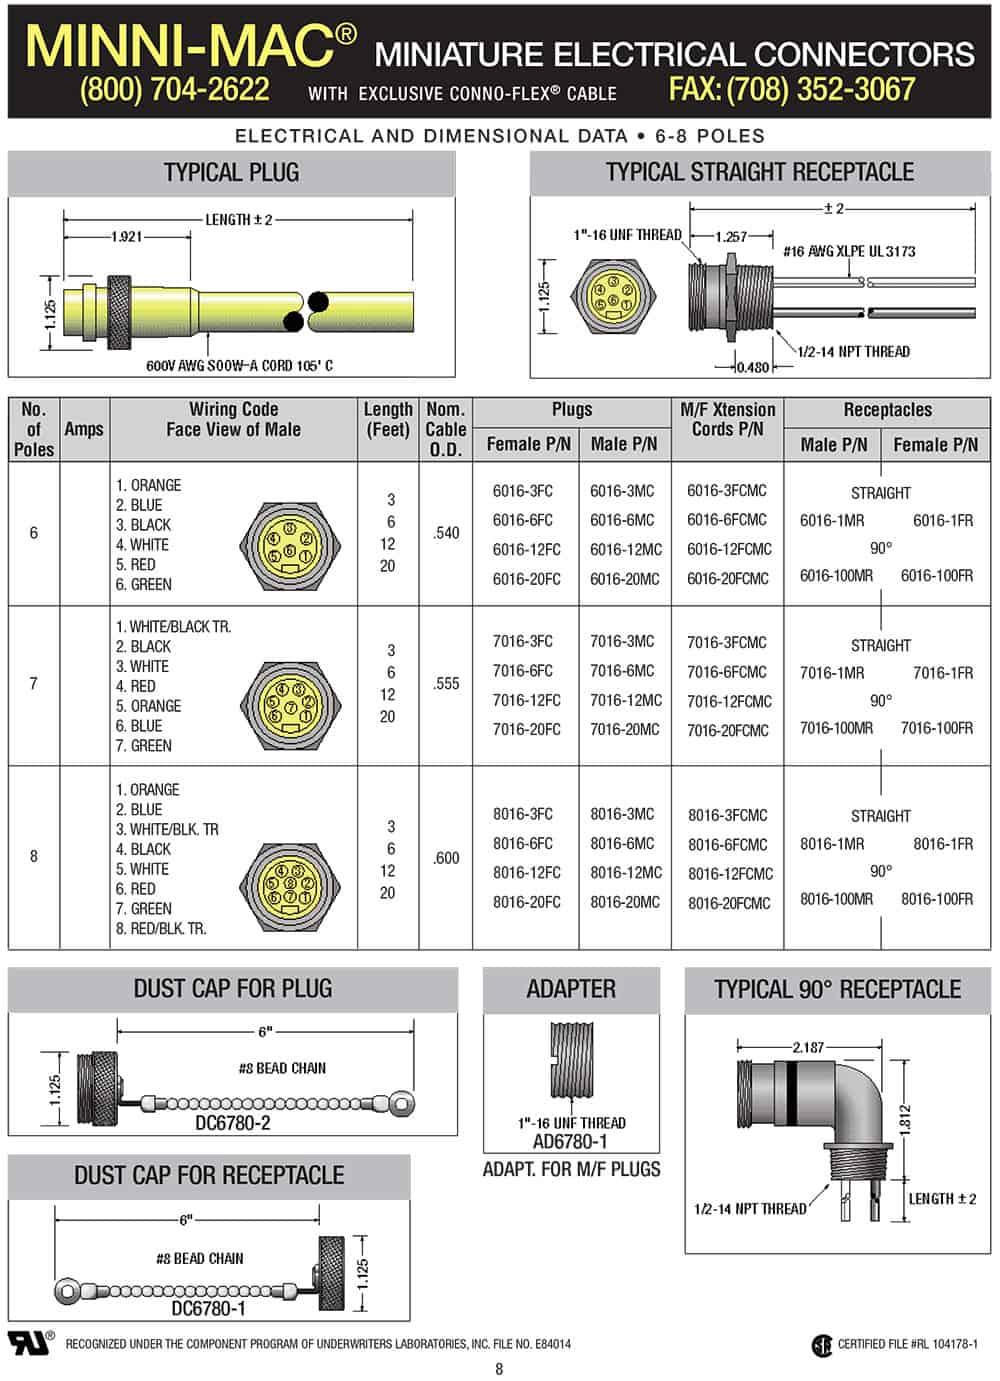 Minni Mac 6-8 pole connectors spec sheet